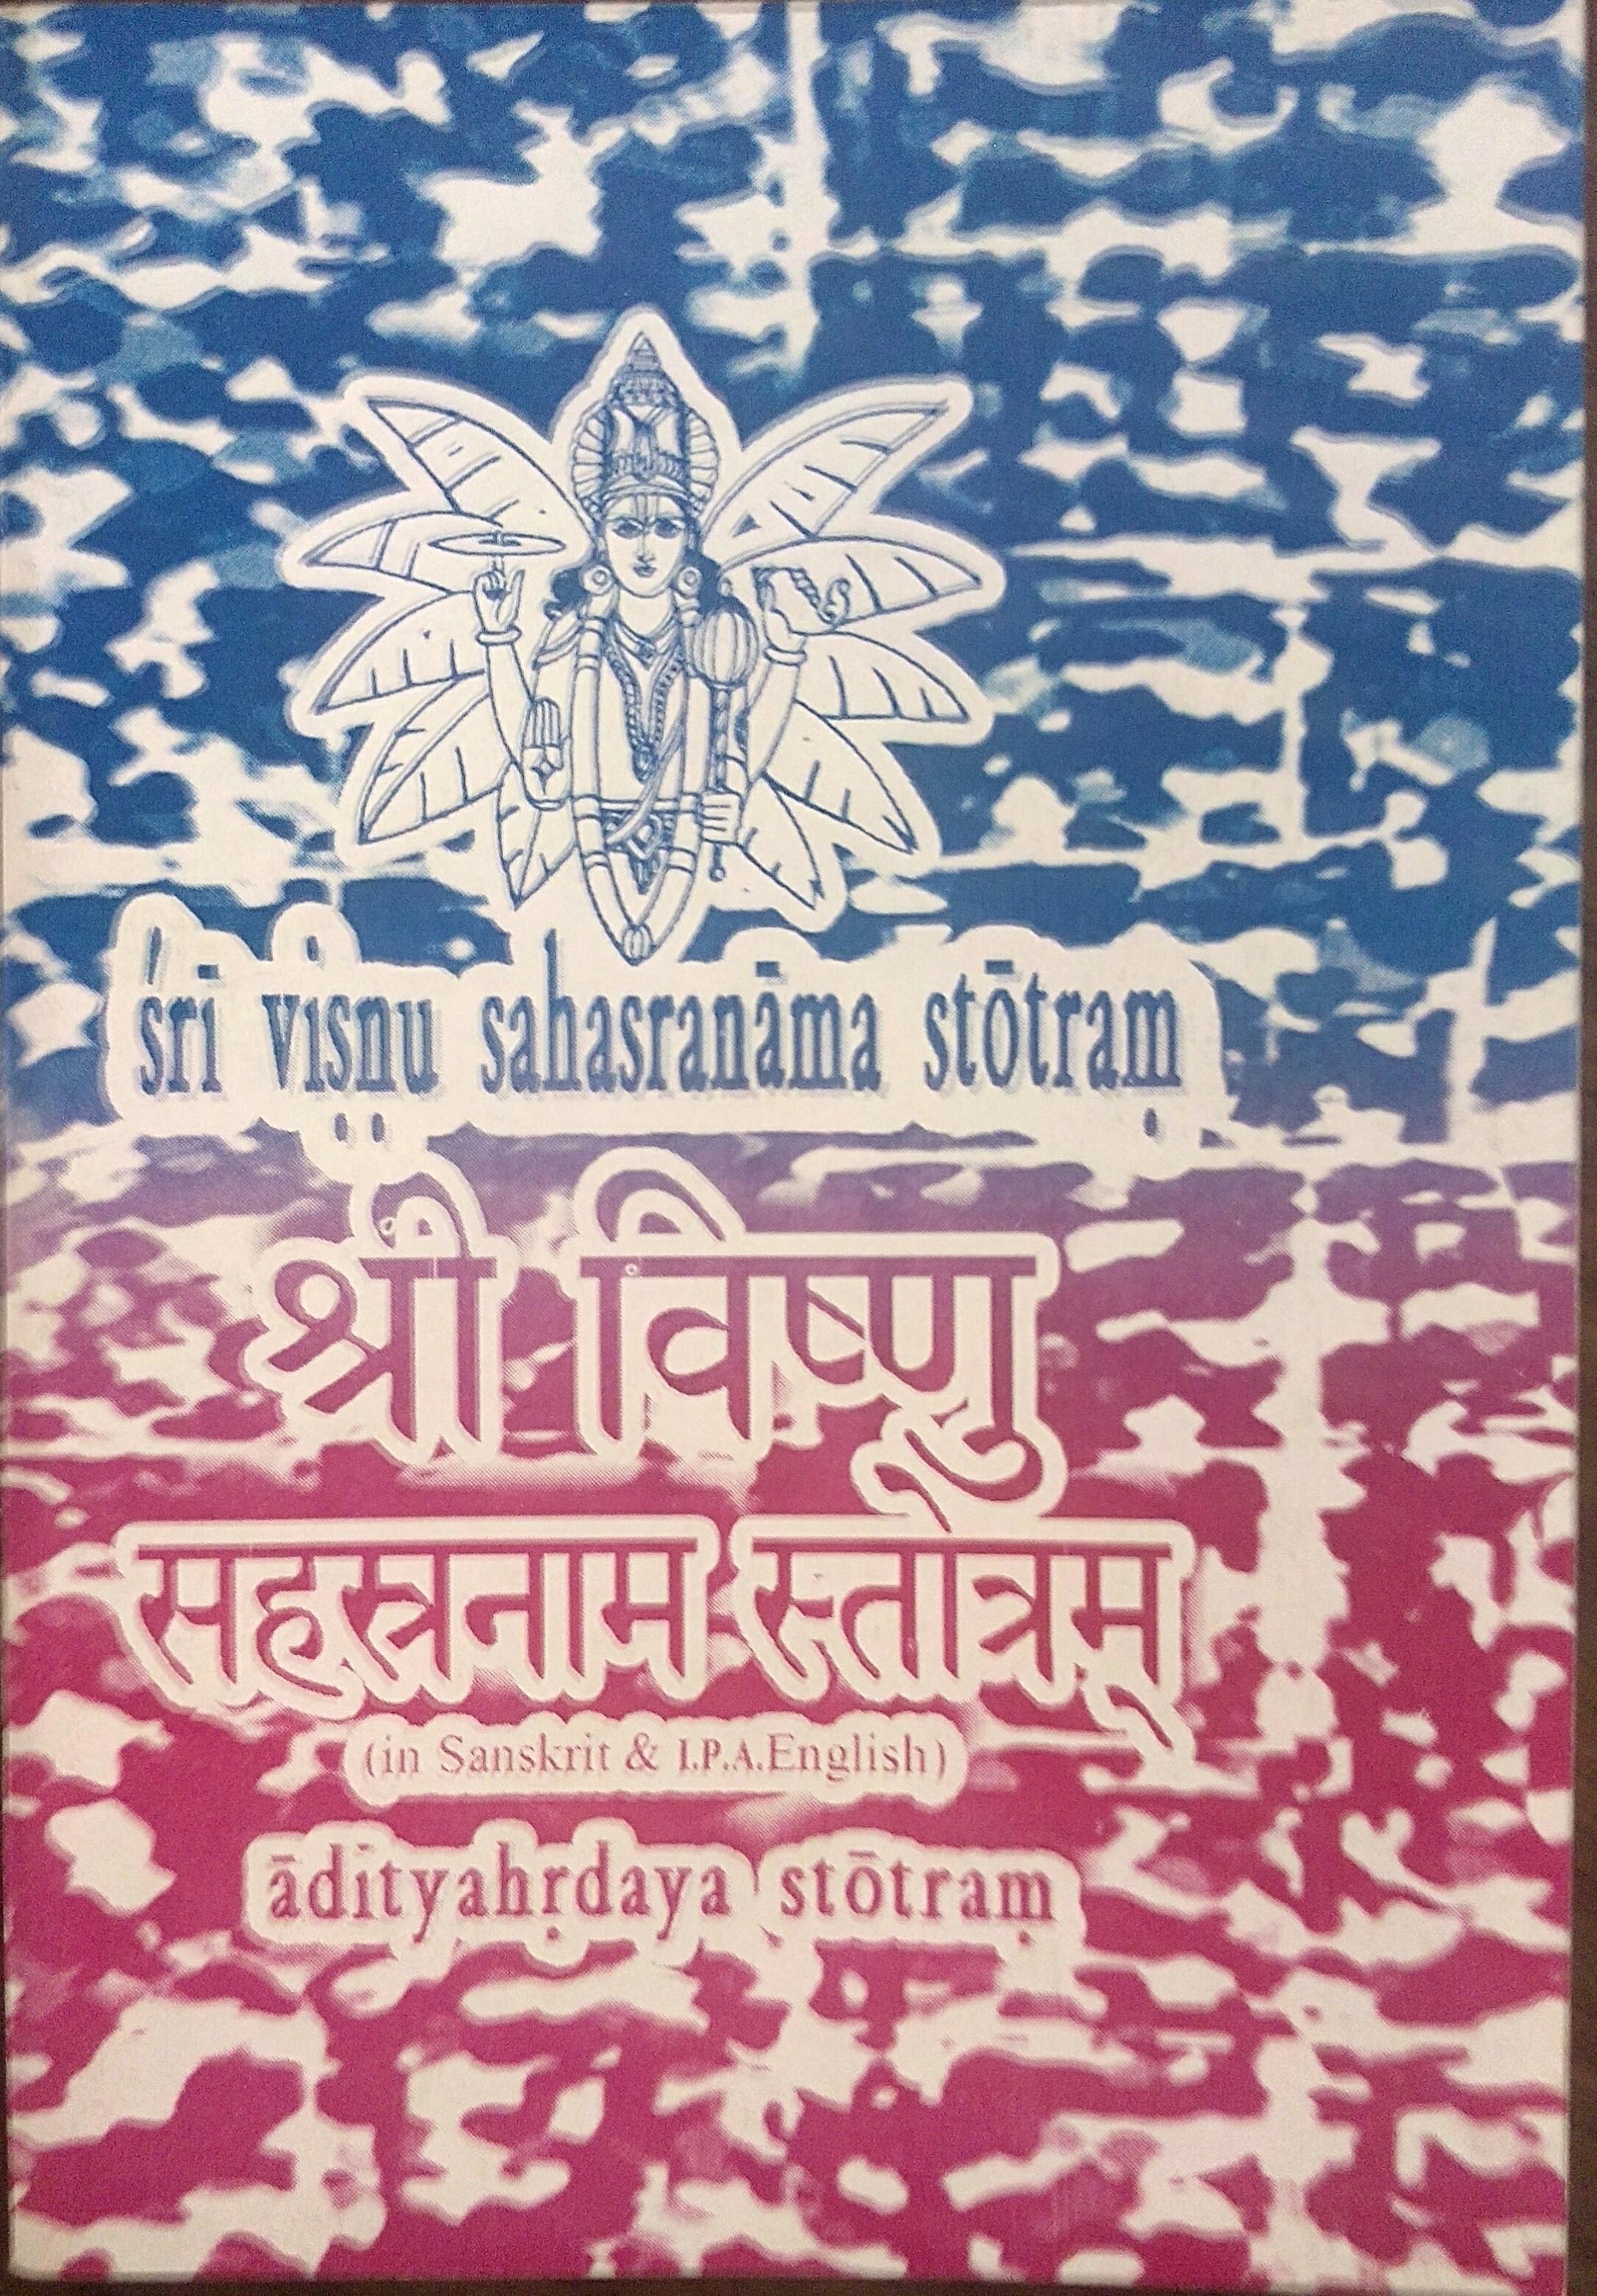 SRI VISHNU SAHASRANĀMA STOTRAM